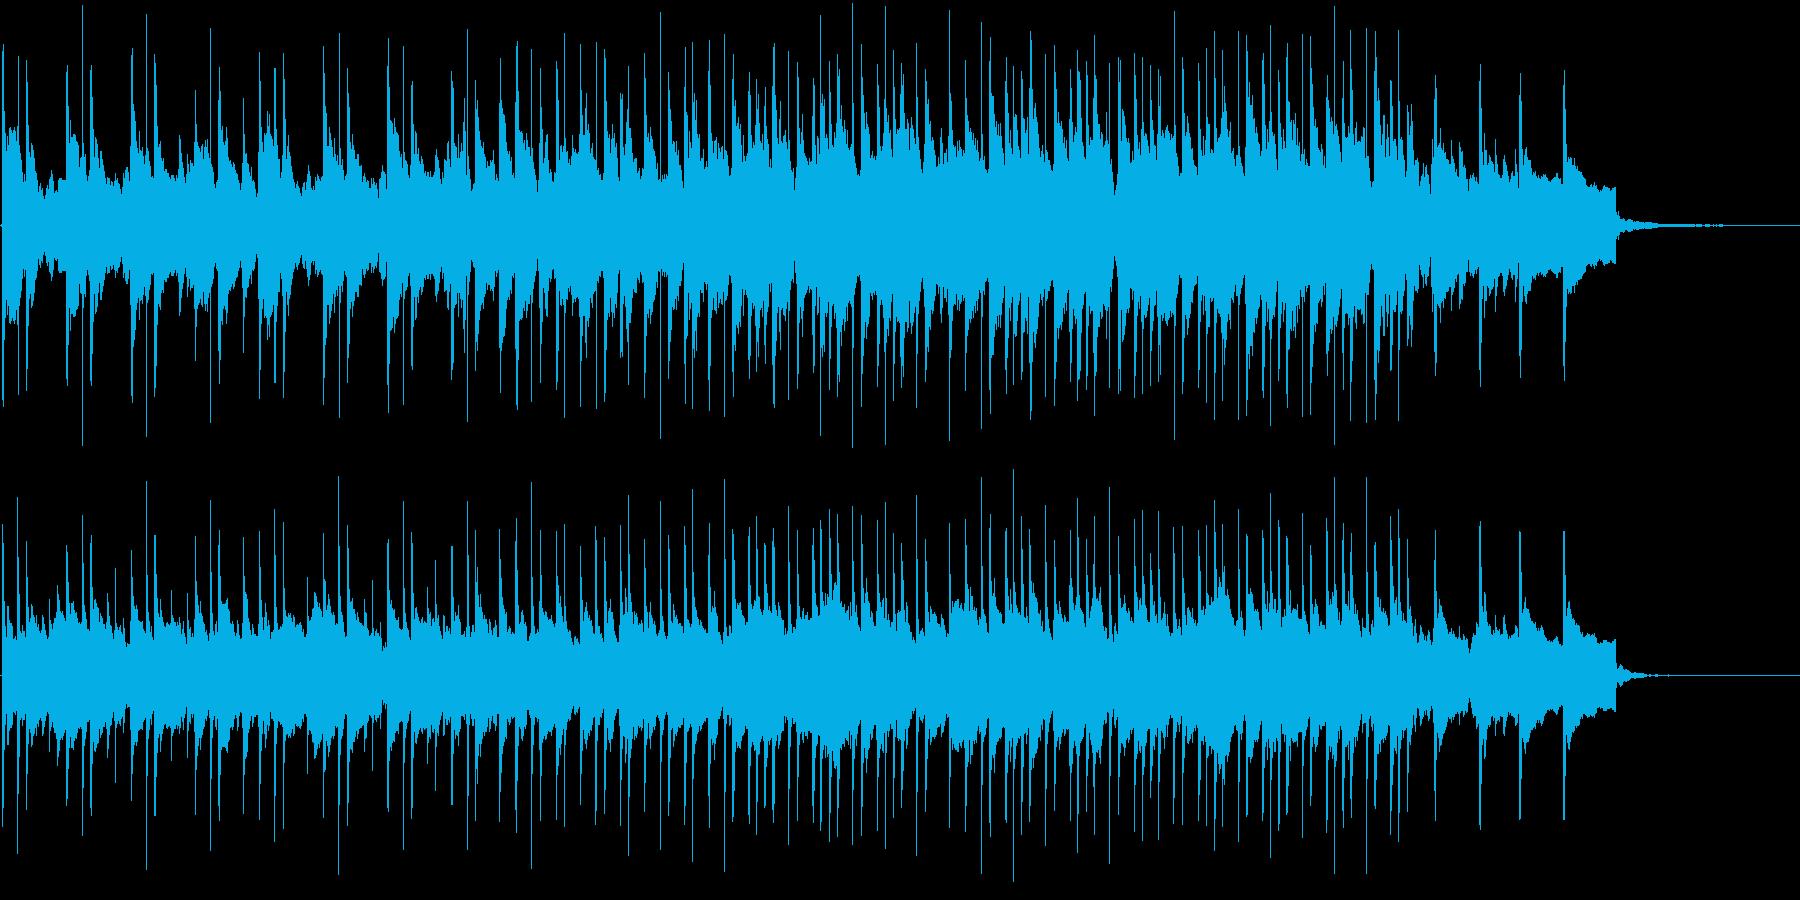 民族音楽っぽいBGM(H)の再生済みの波形